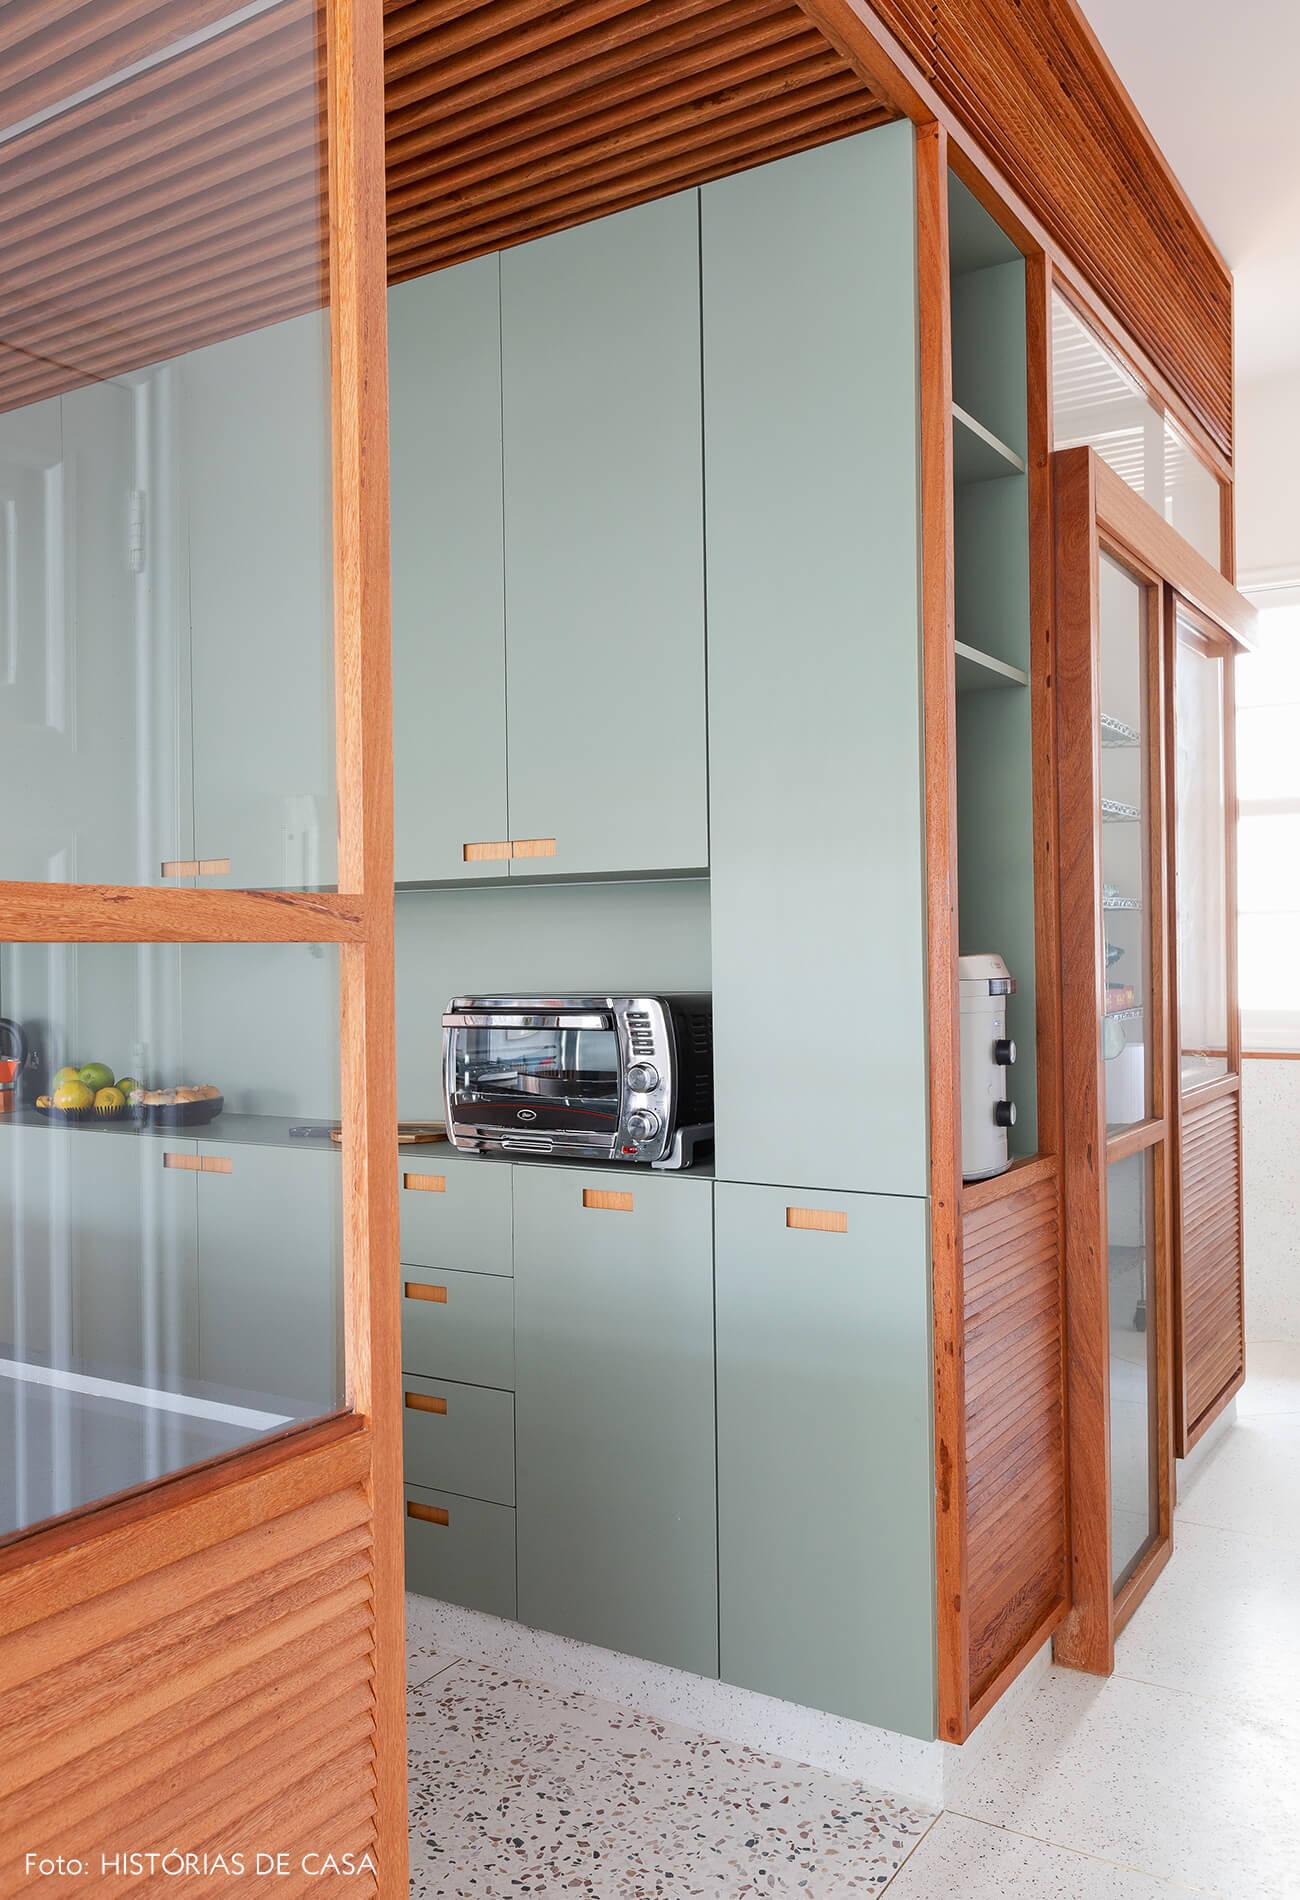 Cozinha com armários de marcenaria em tom verde claro